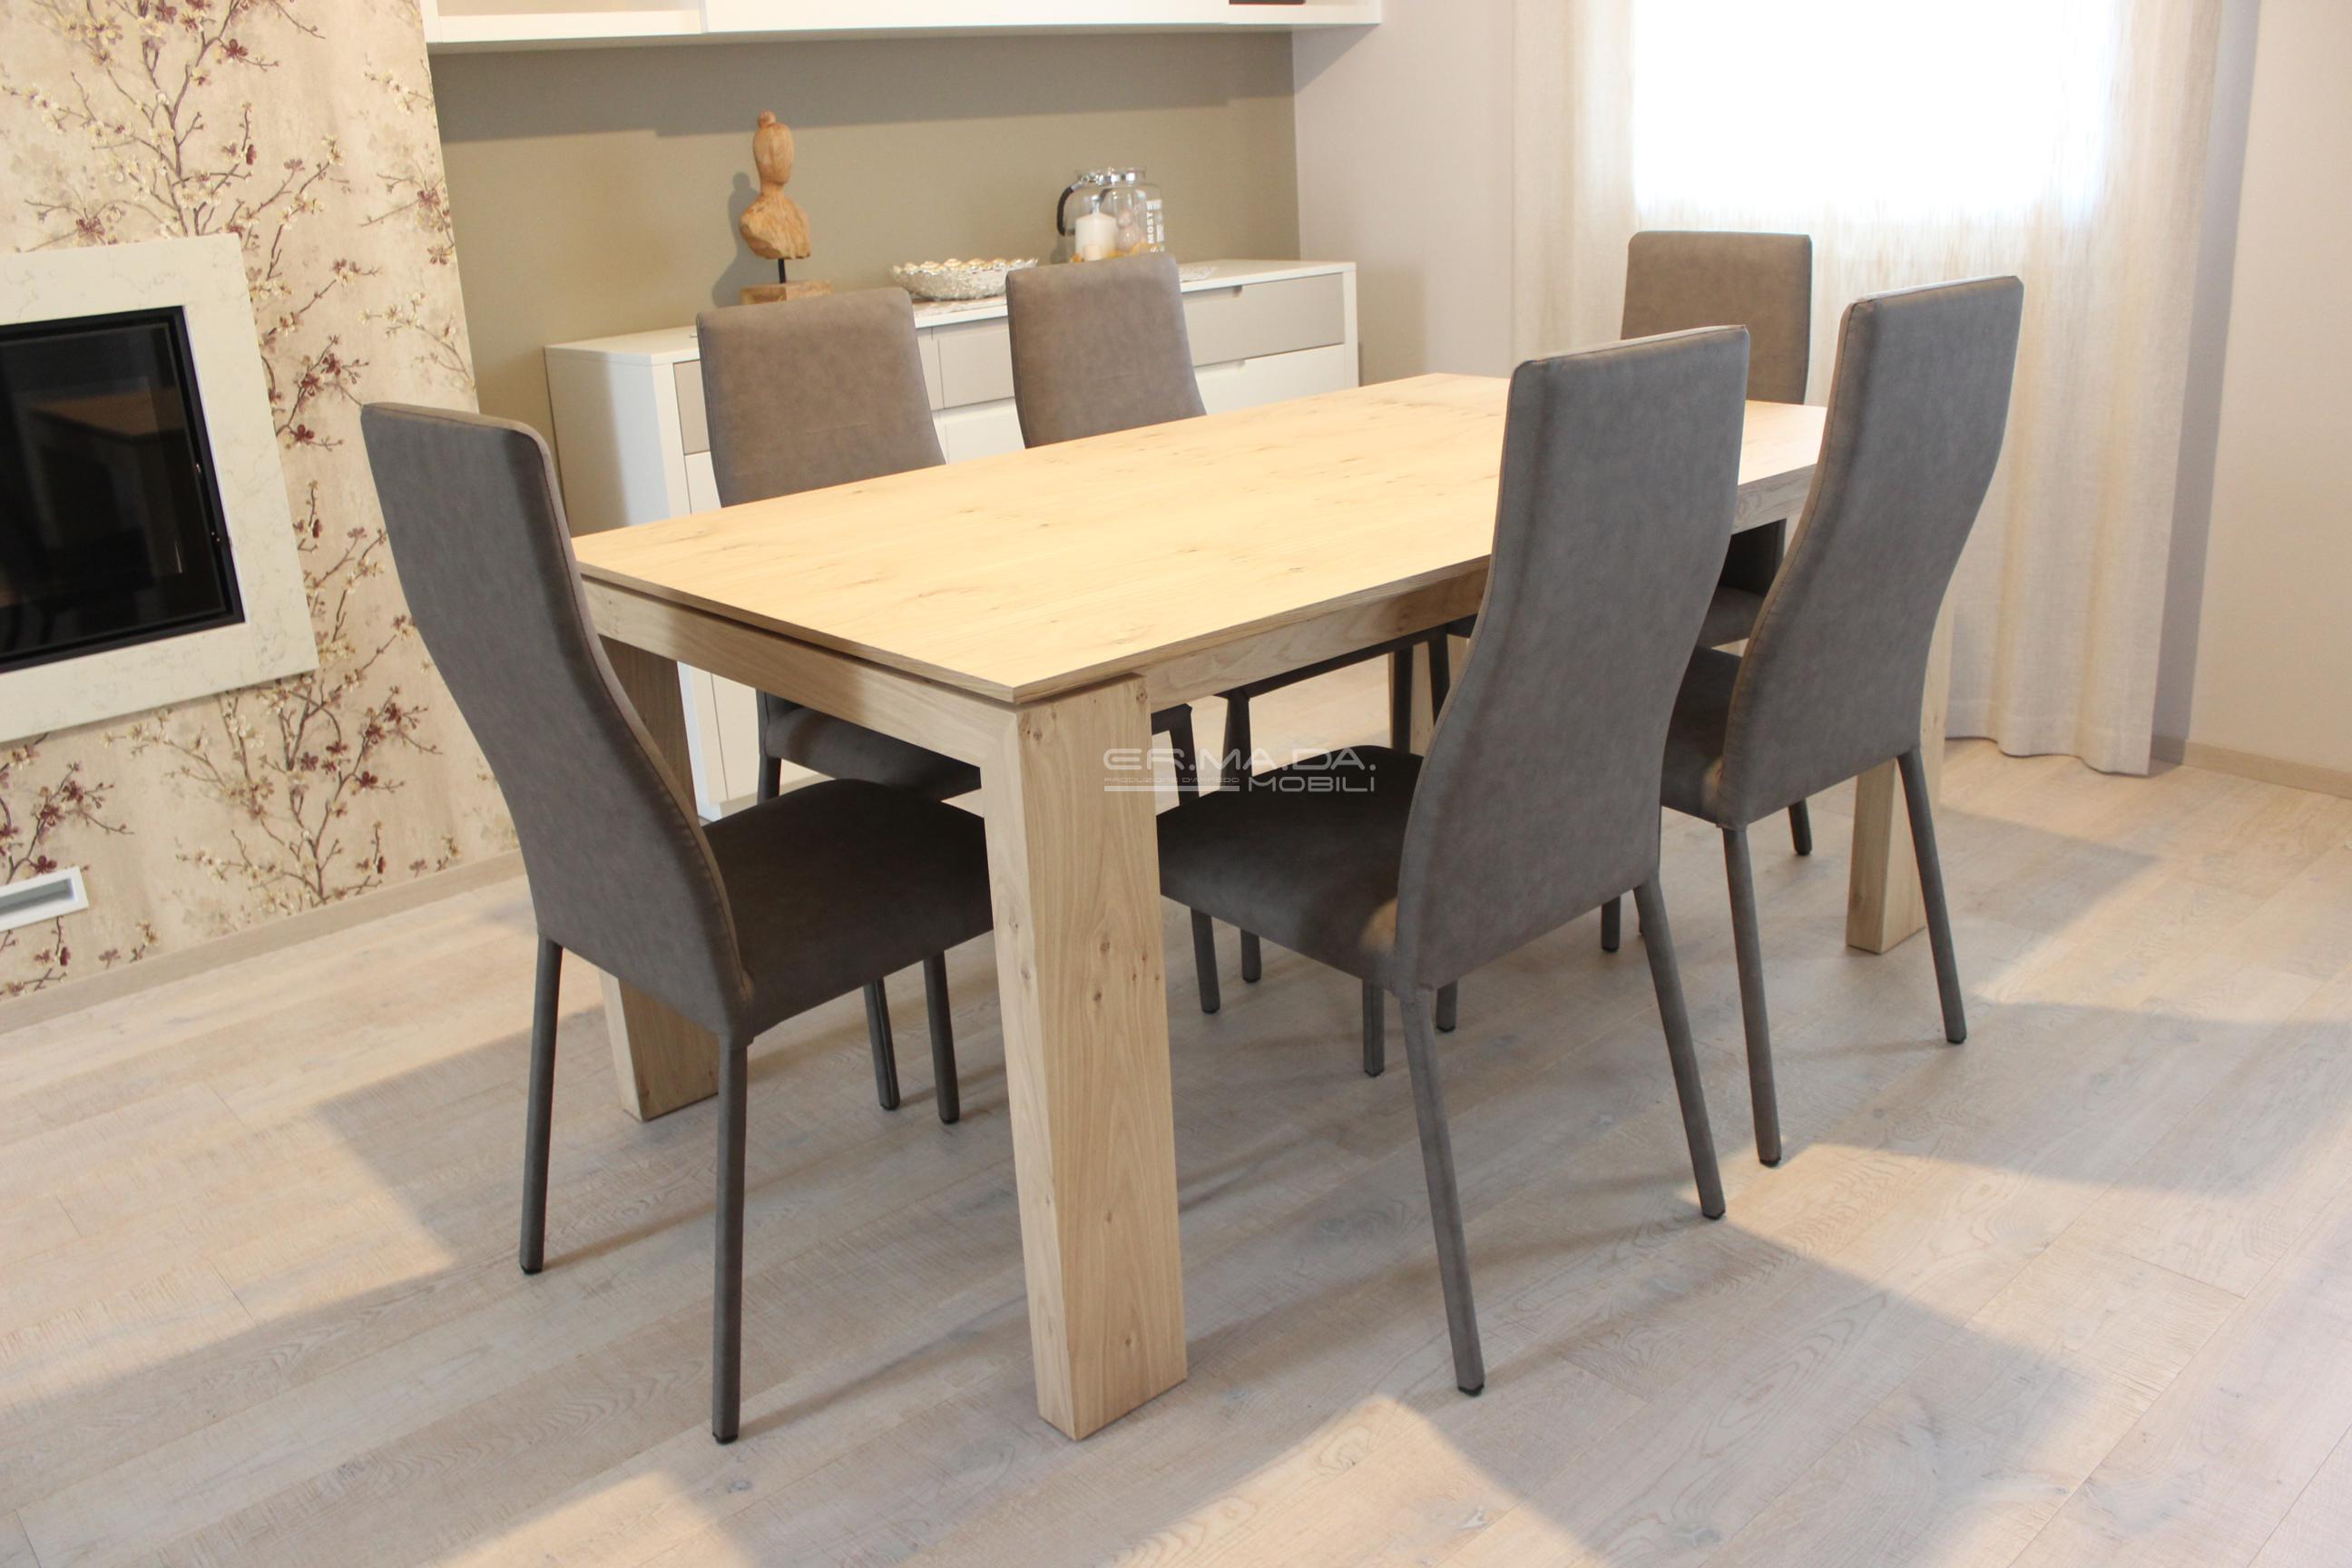 20 tavolo allungabile in rovere nodato naturalizzato er - Meccanismo tavolo allungabile ...